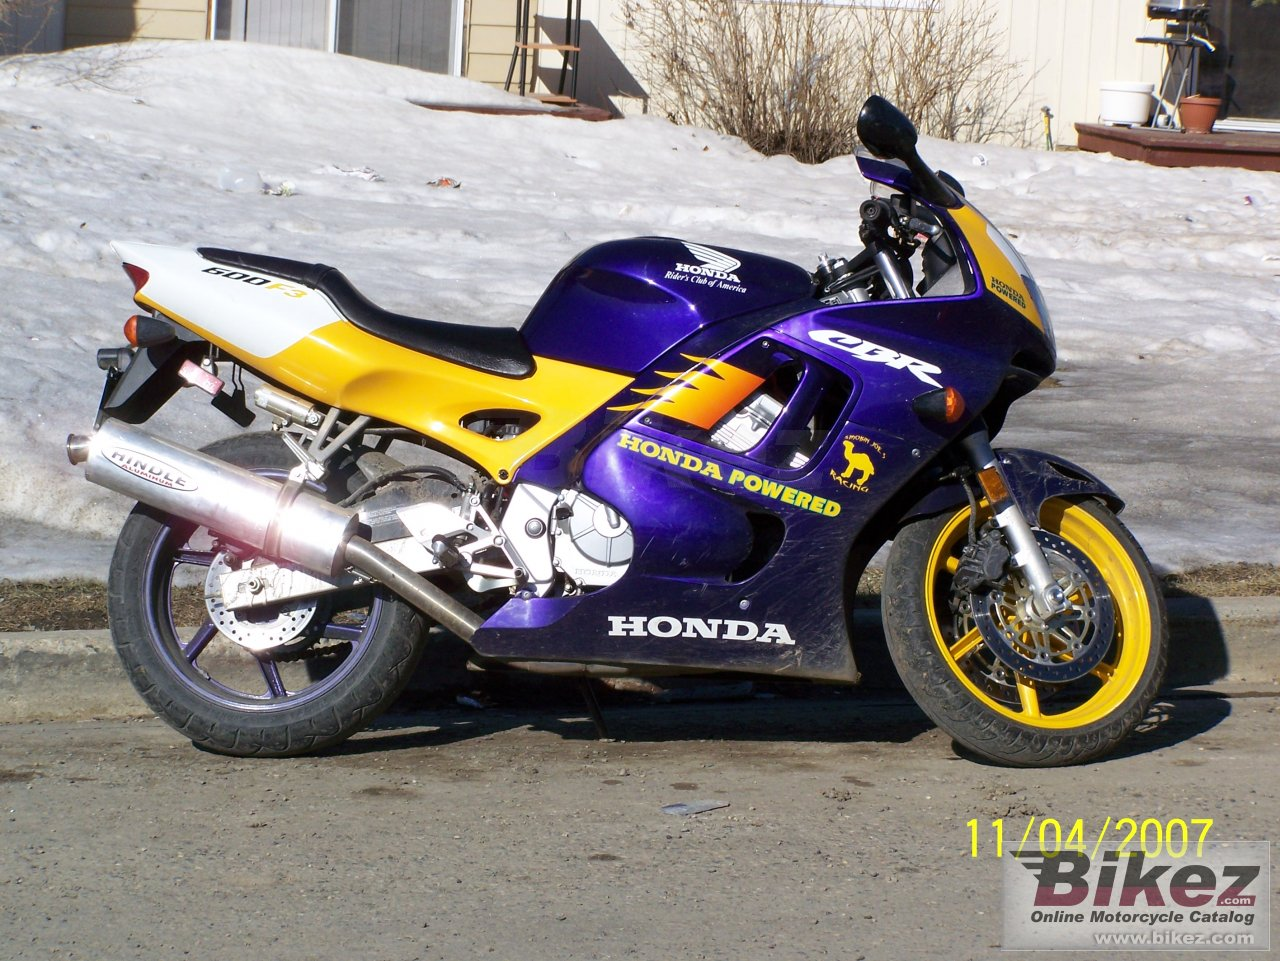 Honda F3 600 >> Honda CBR 600 F